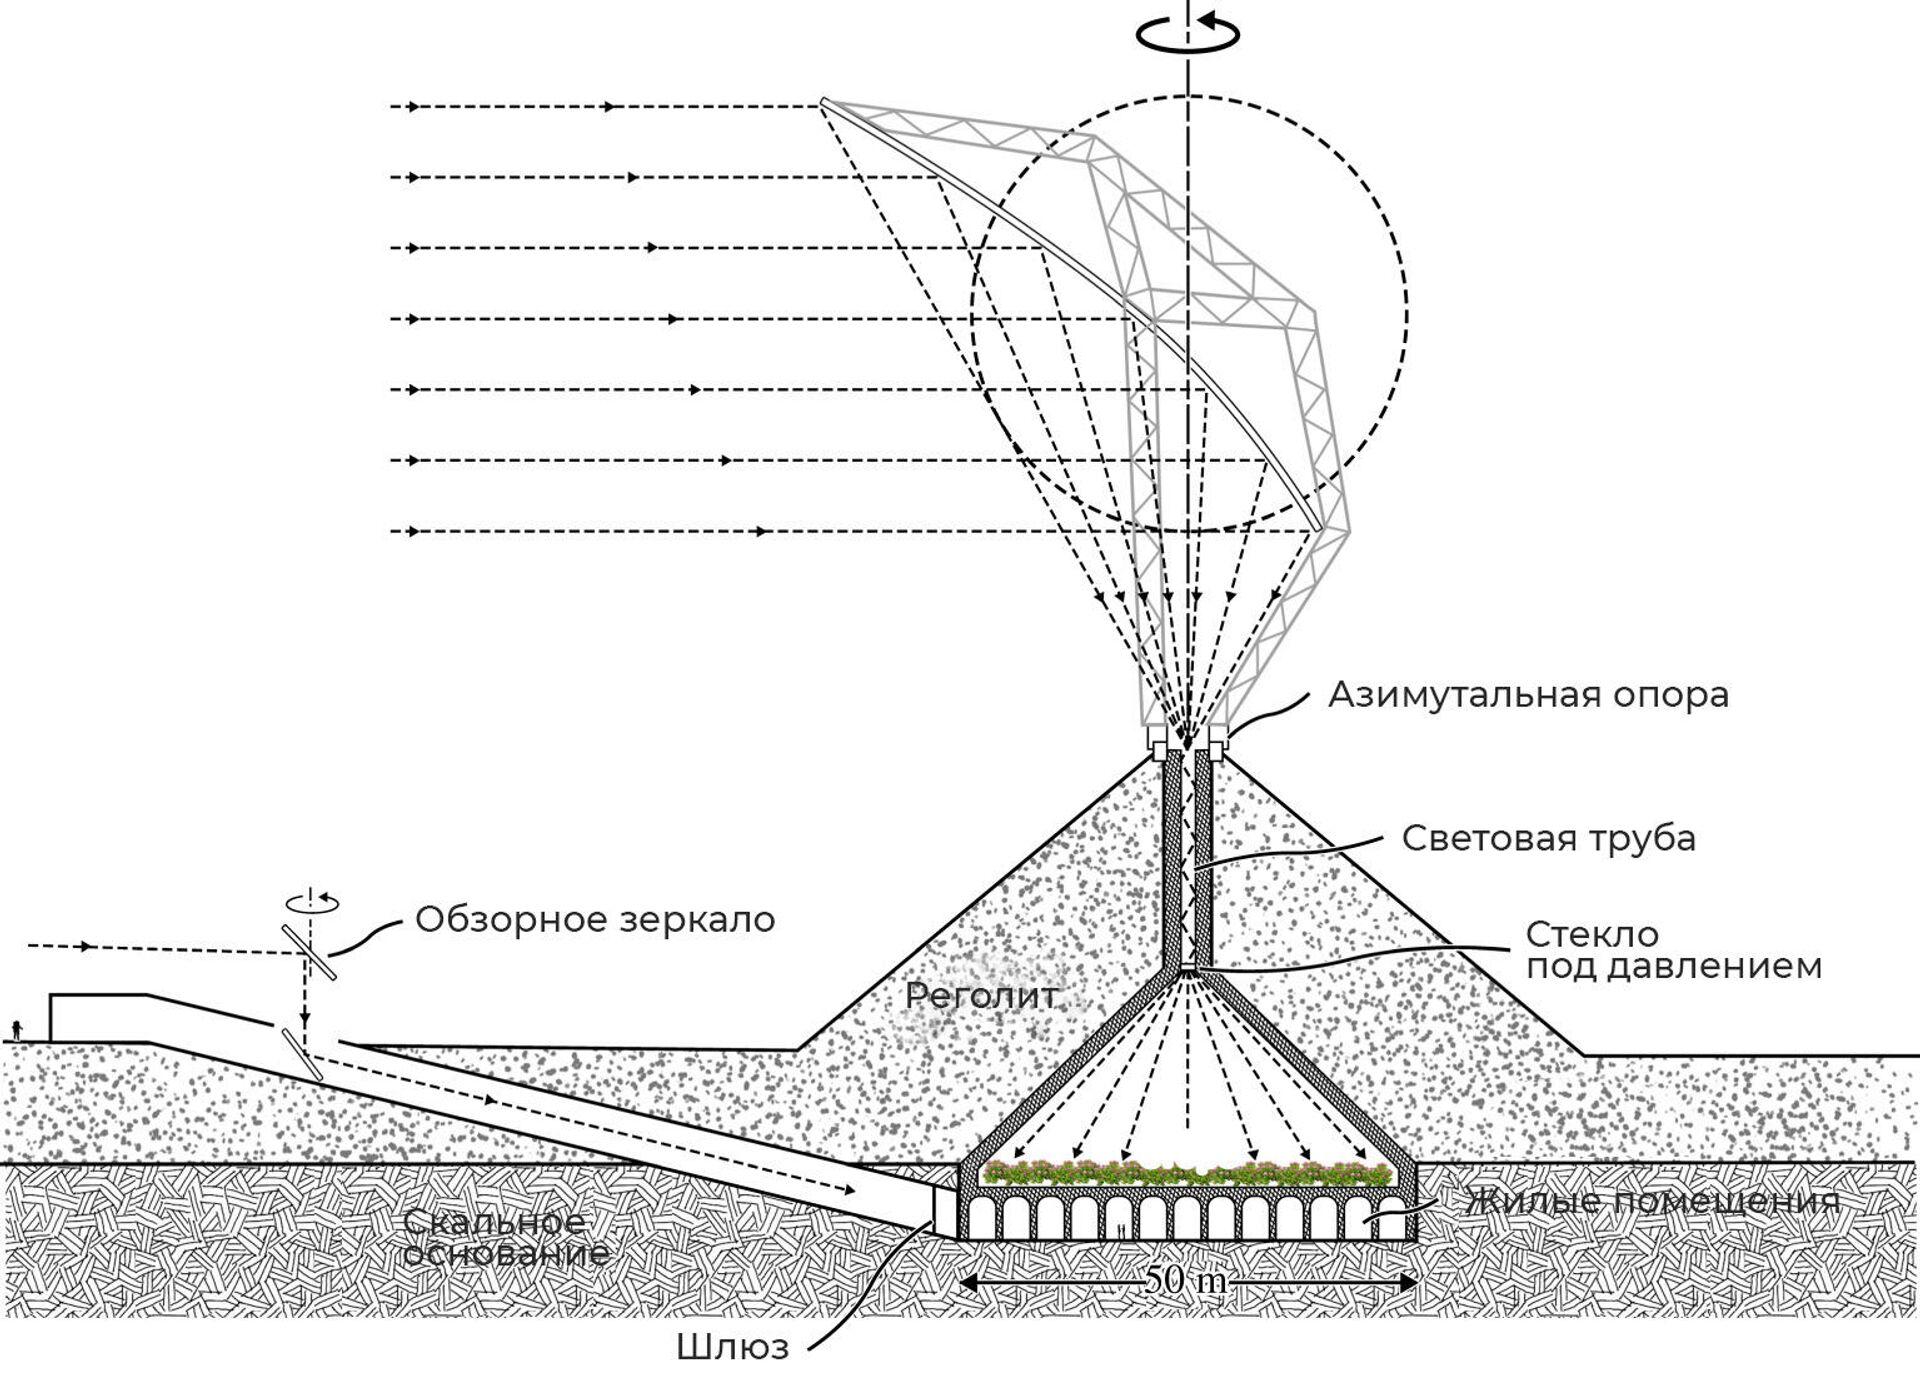 Лунная база с фокусирующимся солнечным отражателем - РИА Новости, 1920, 30.11.2020